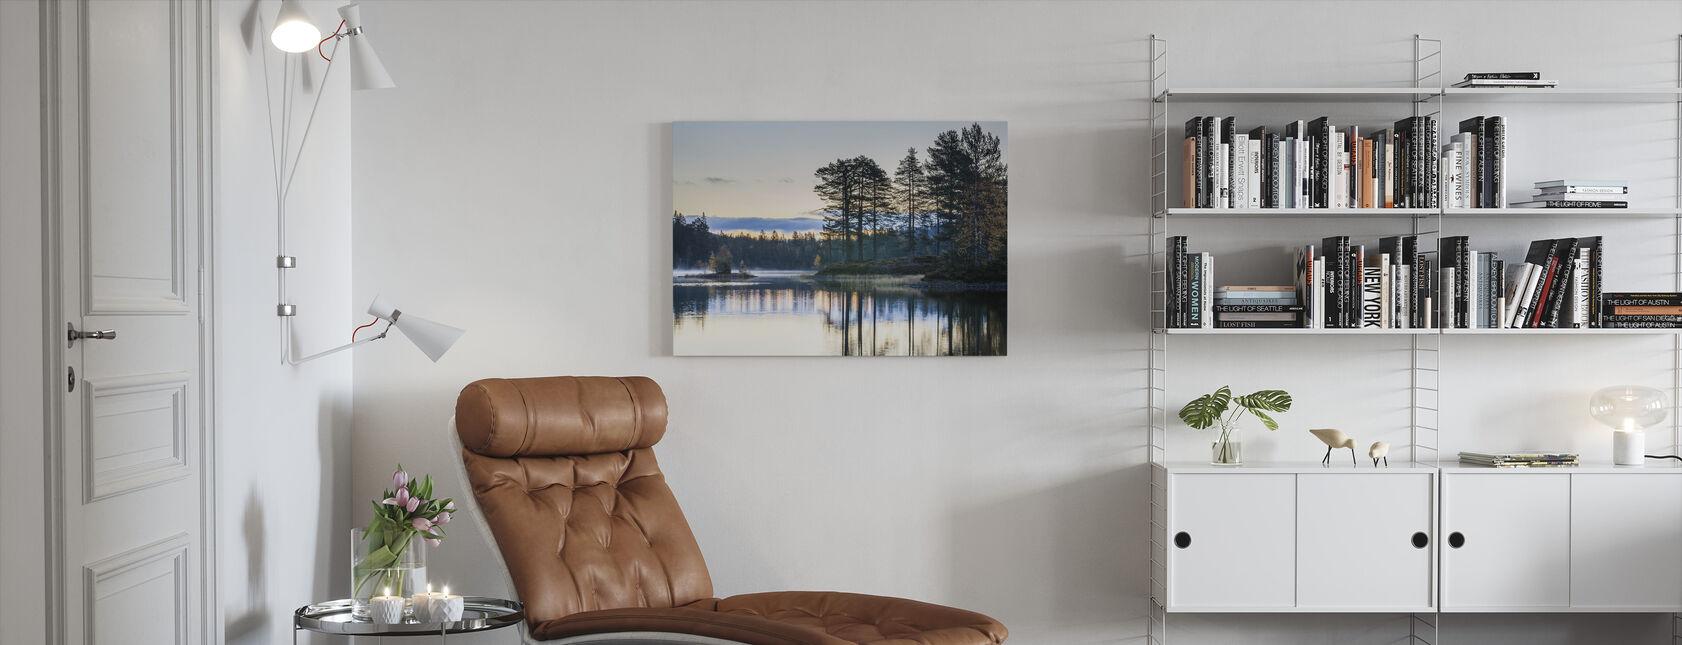 Metsä Drammen, Norja - Canvastaulu - Olohuone